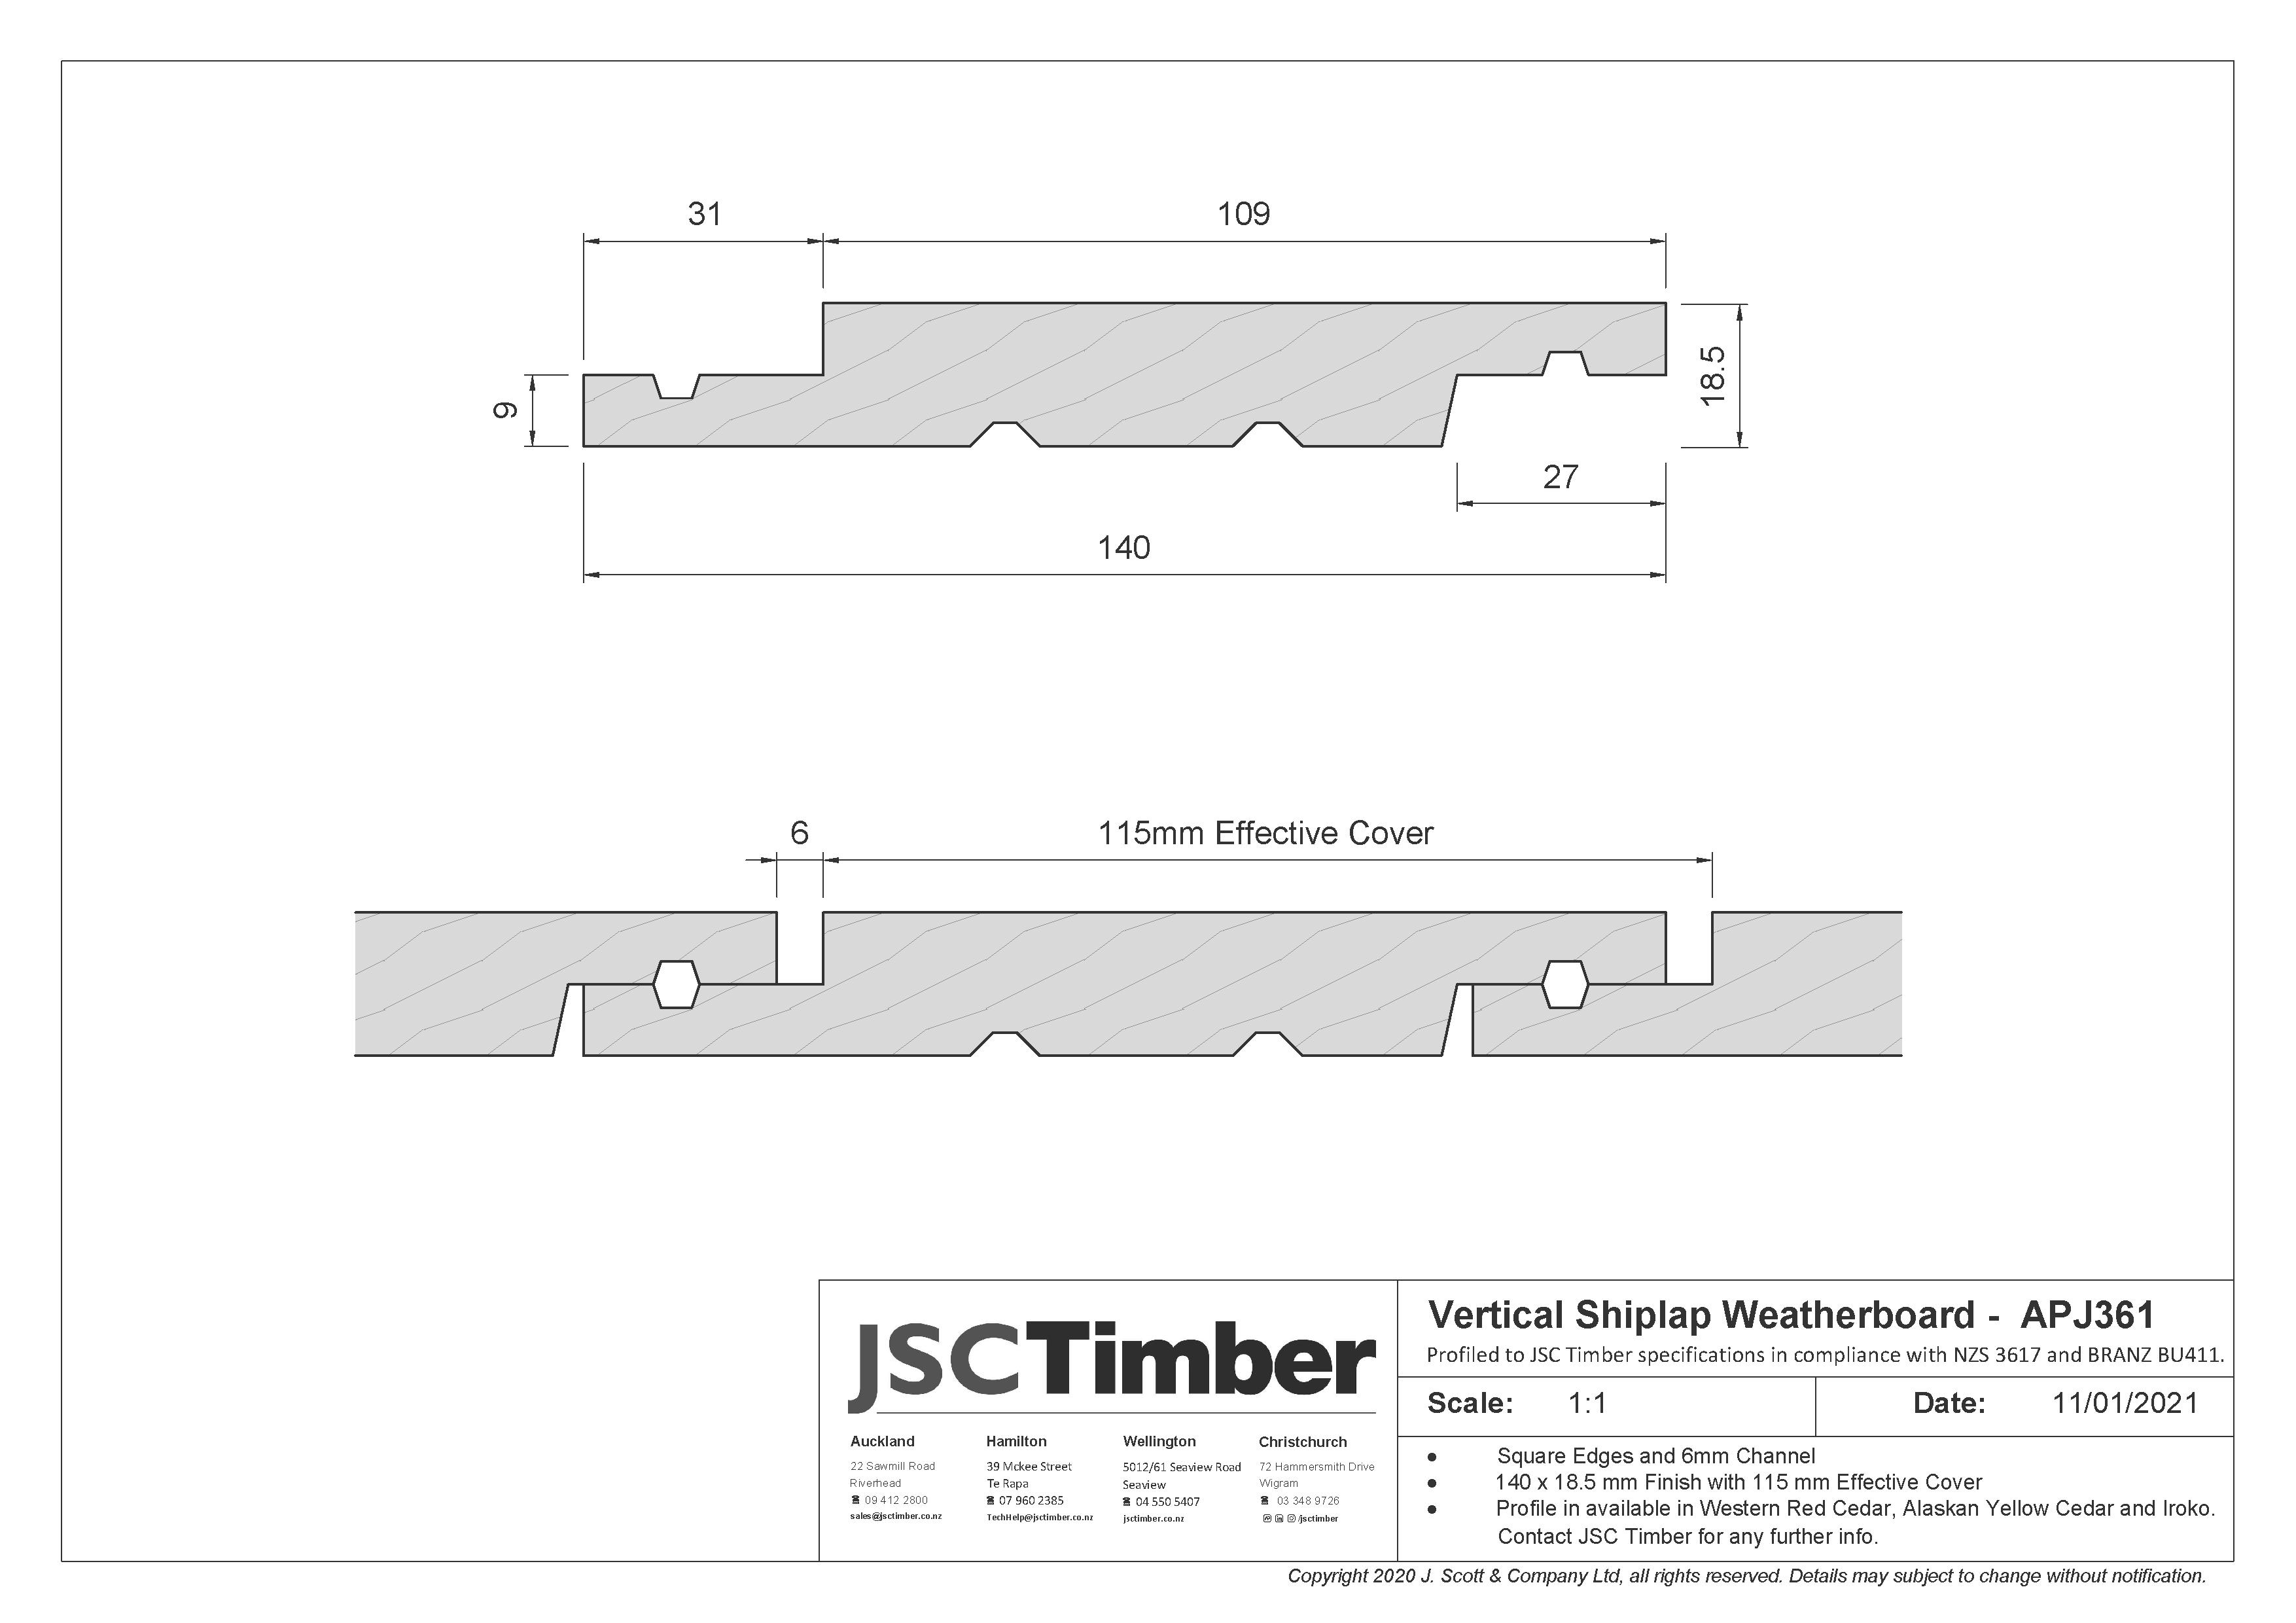 APJ361 Vertical Shiplap Weatherboard